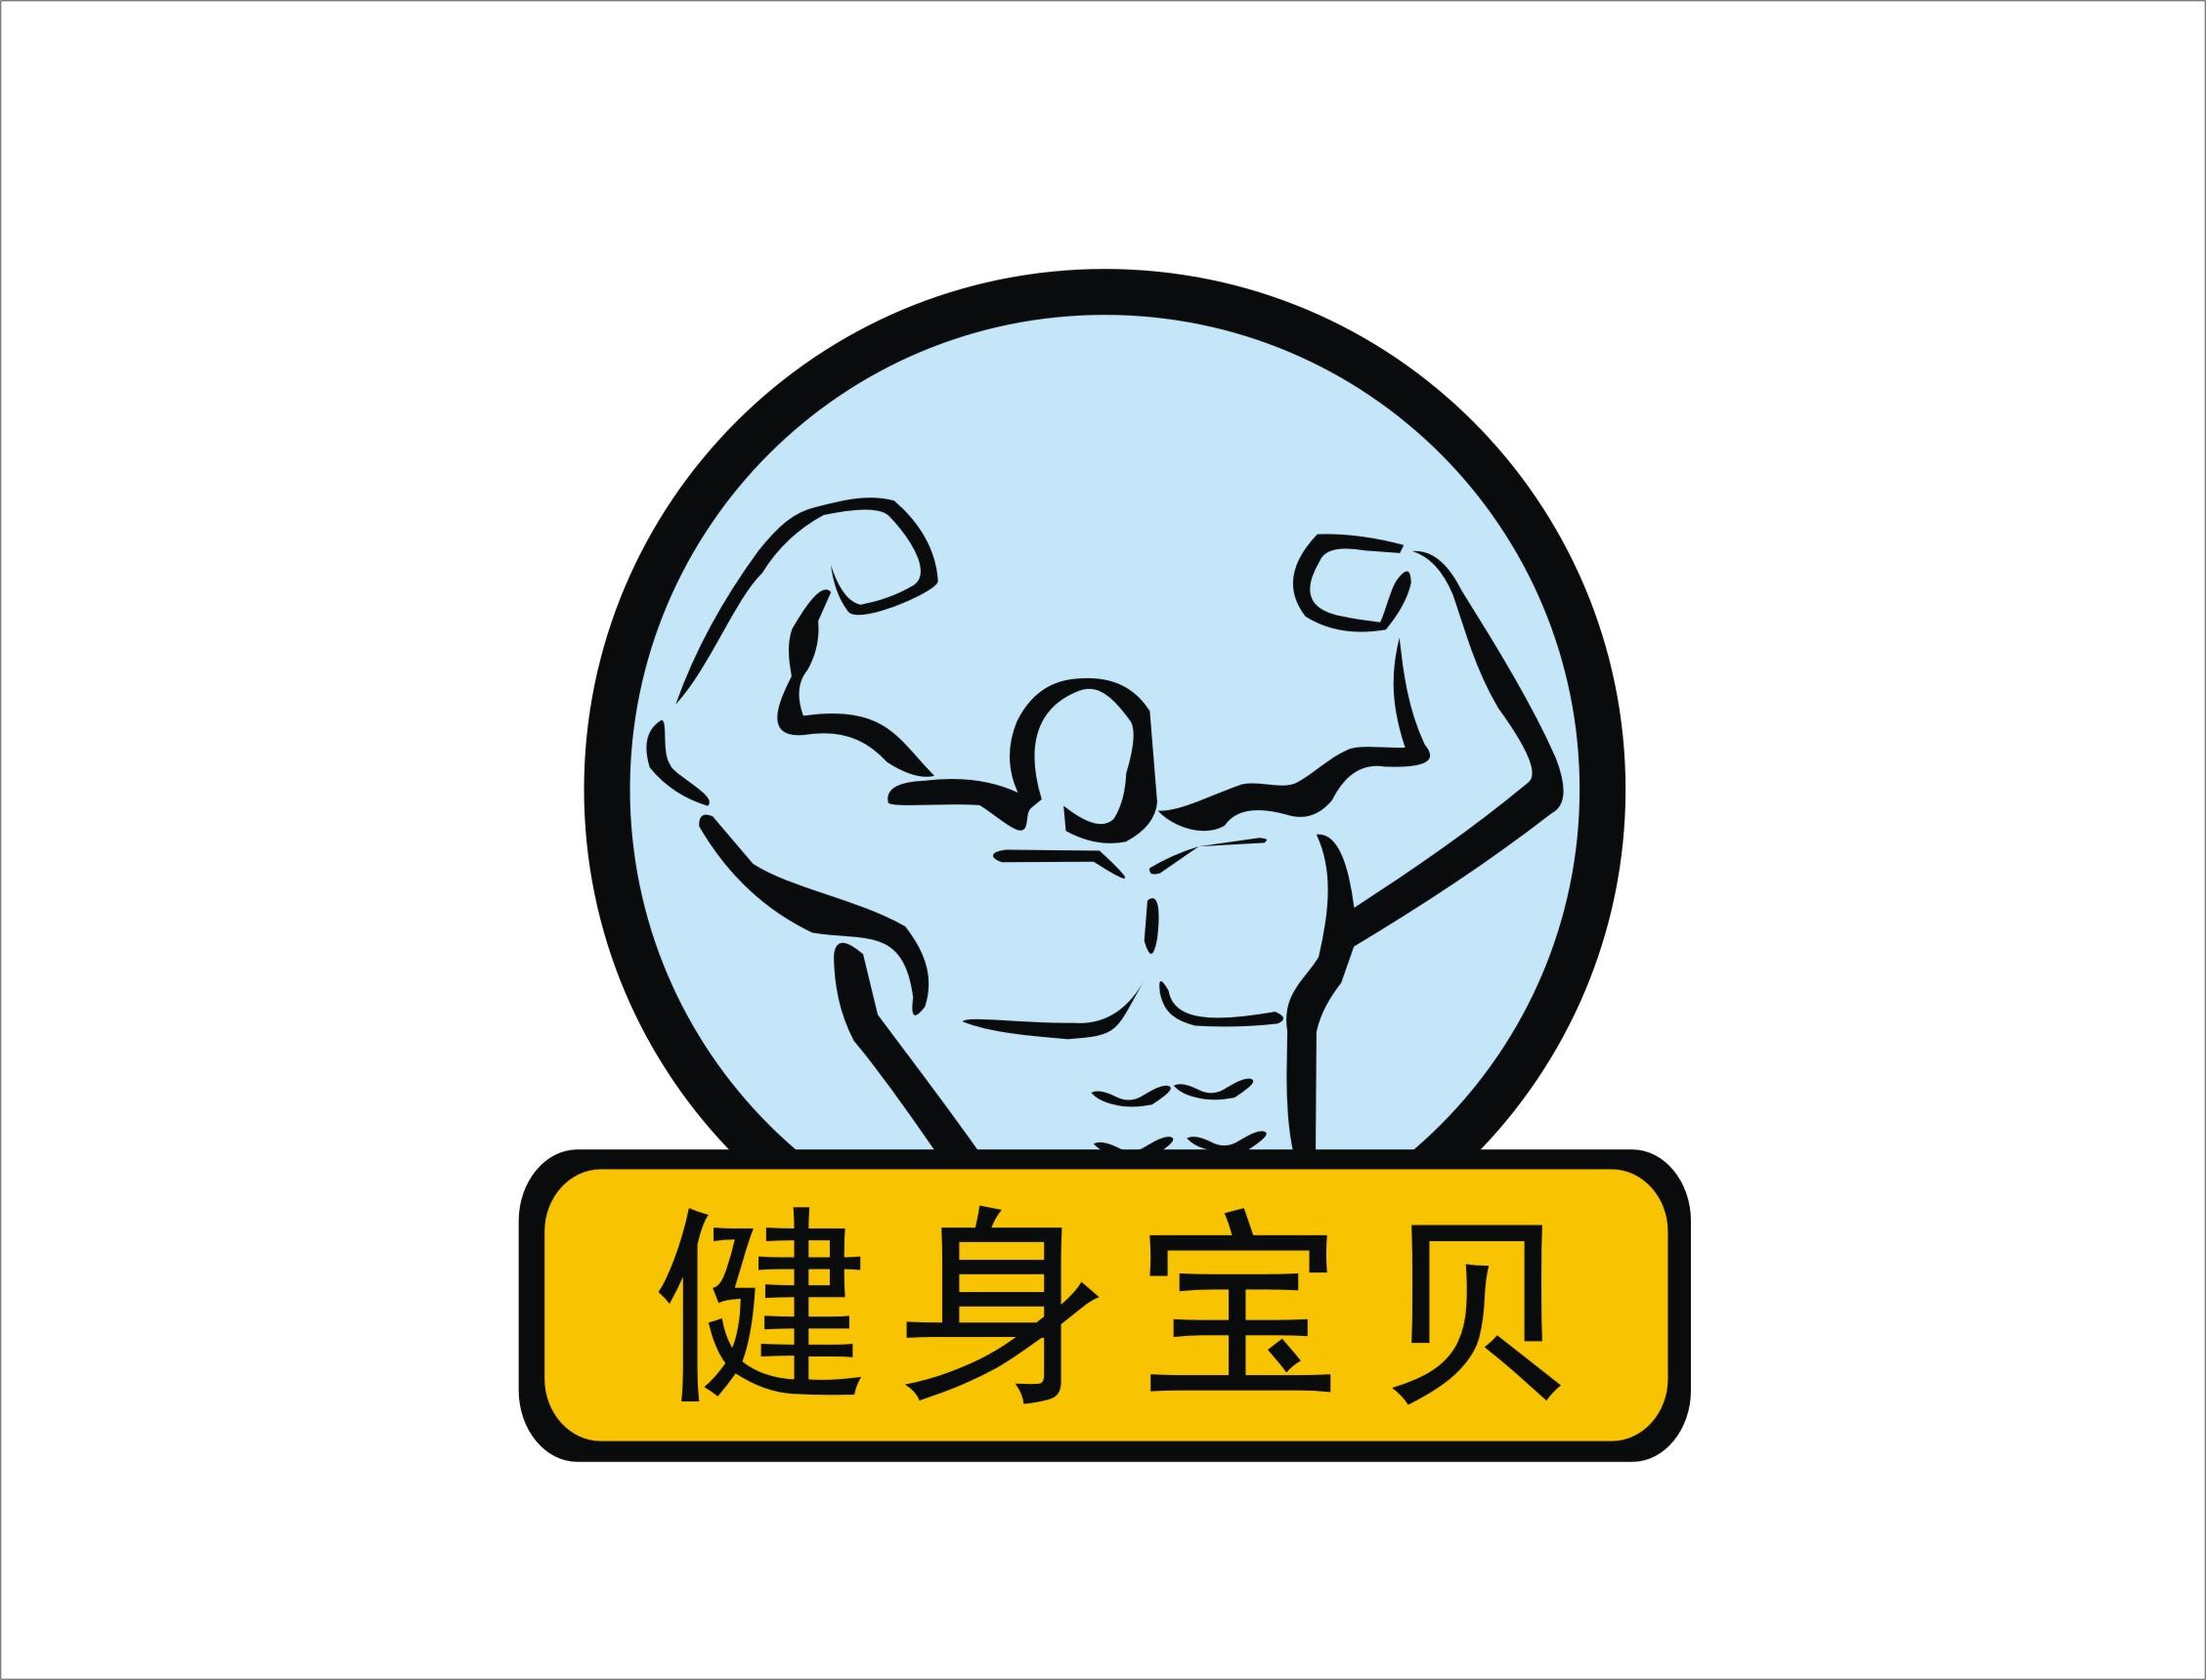 健身宝贝logo设计,原注册商标优化图片